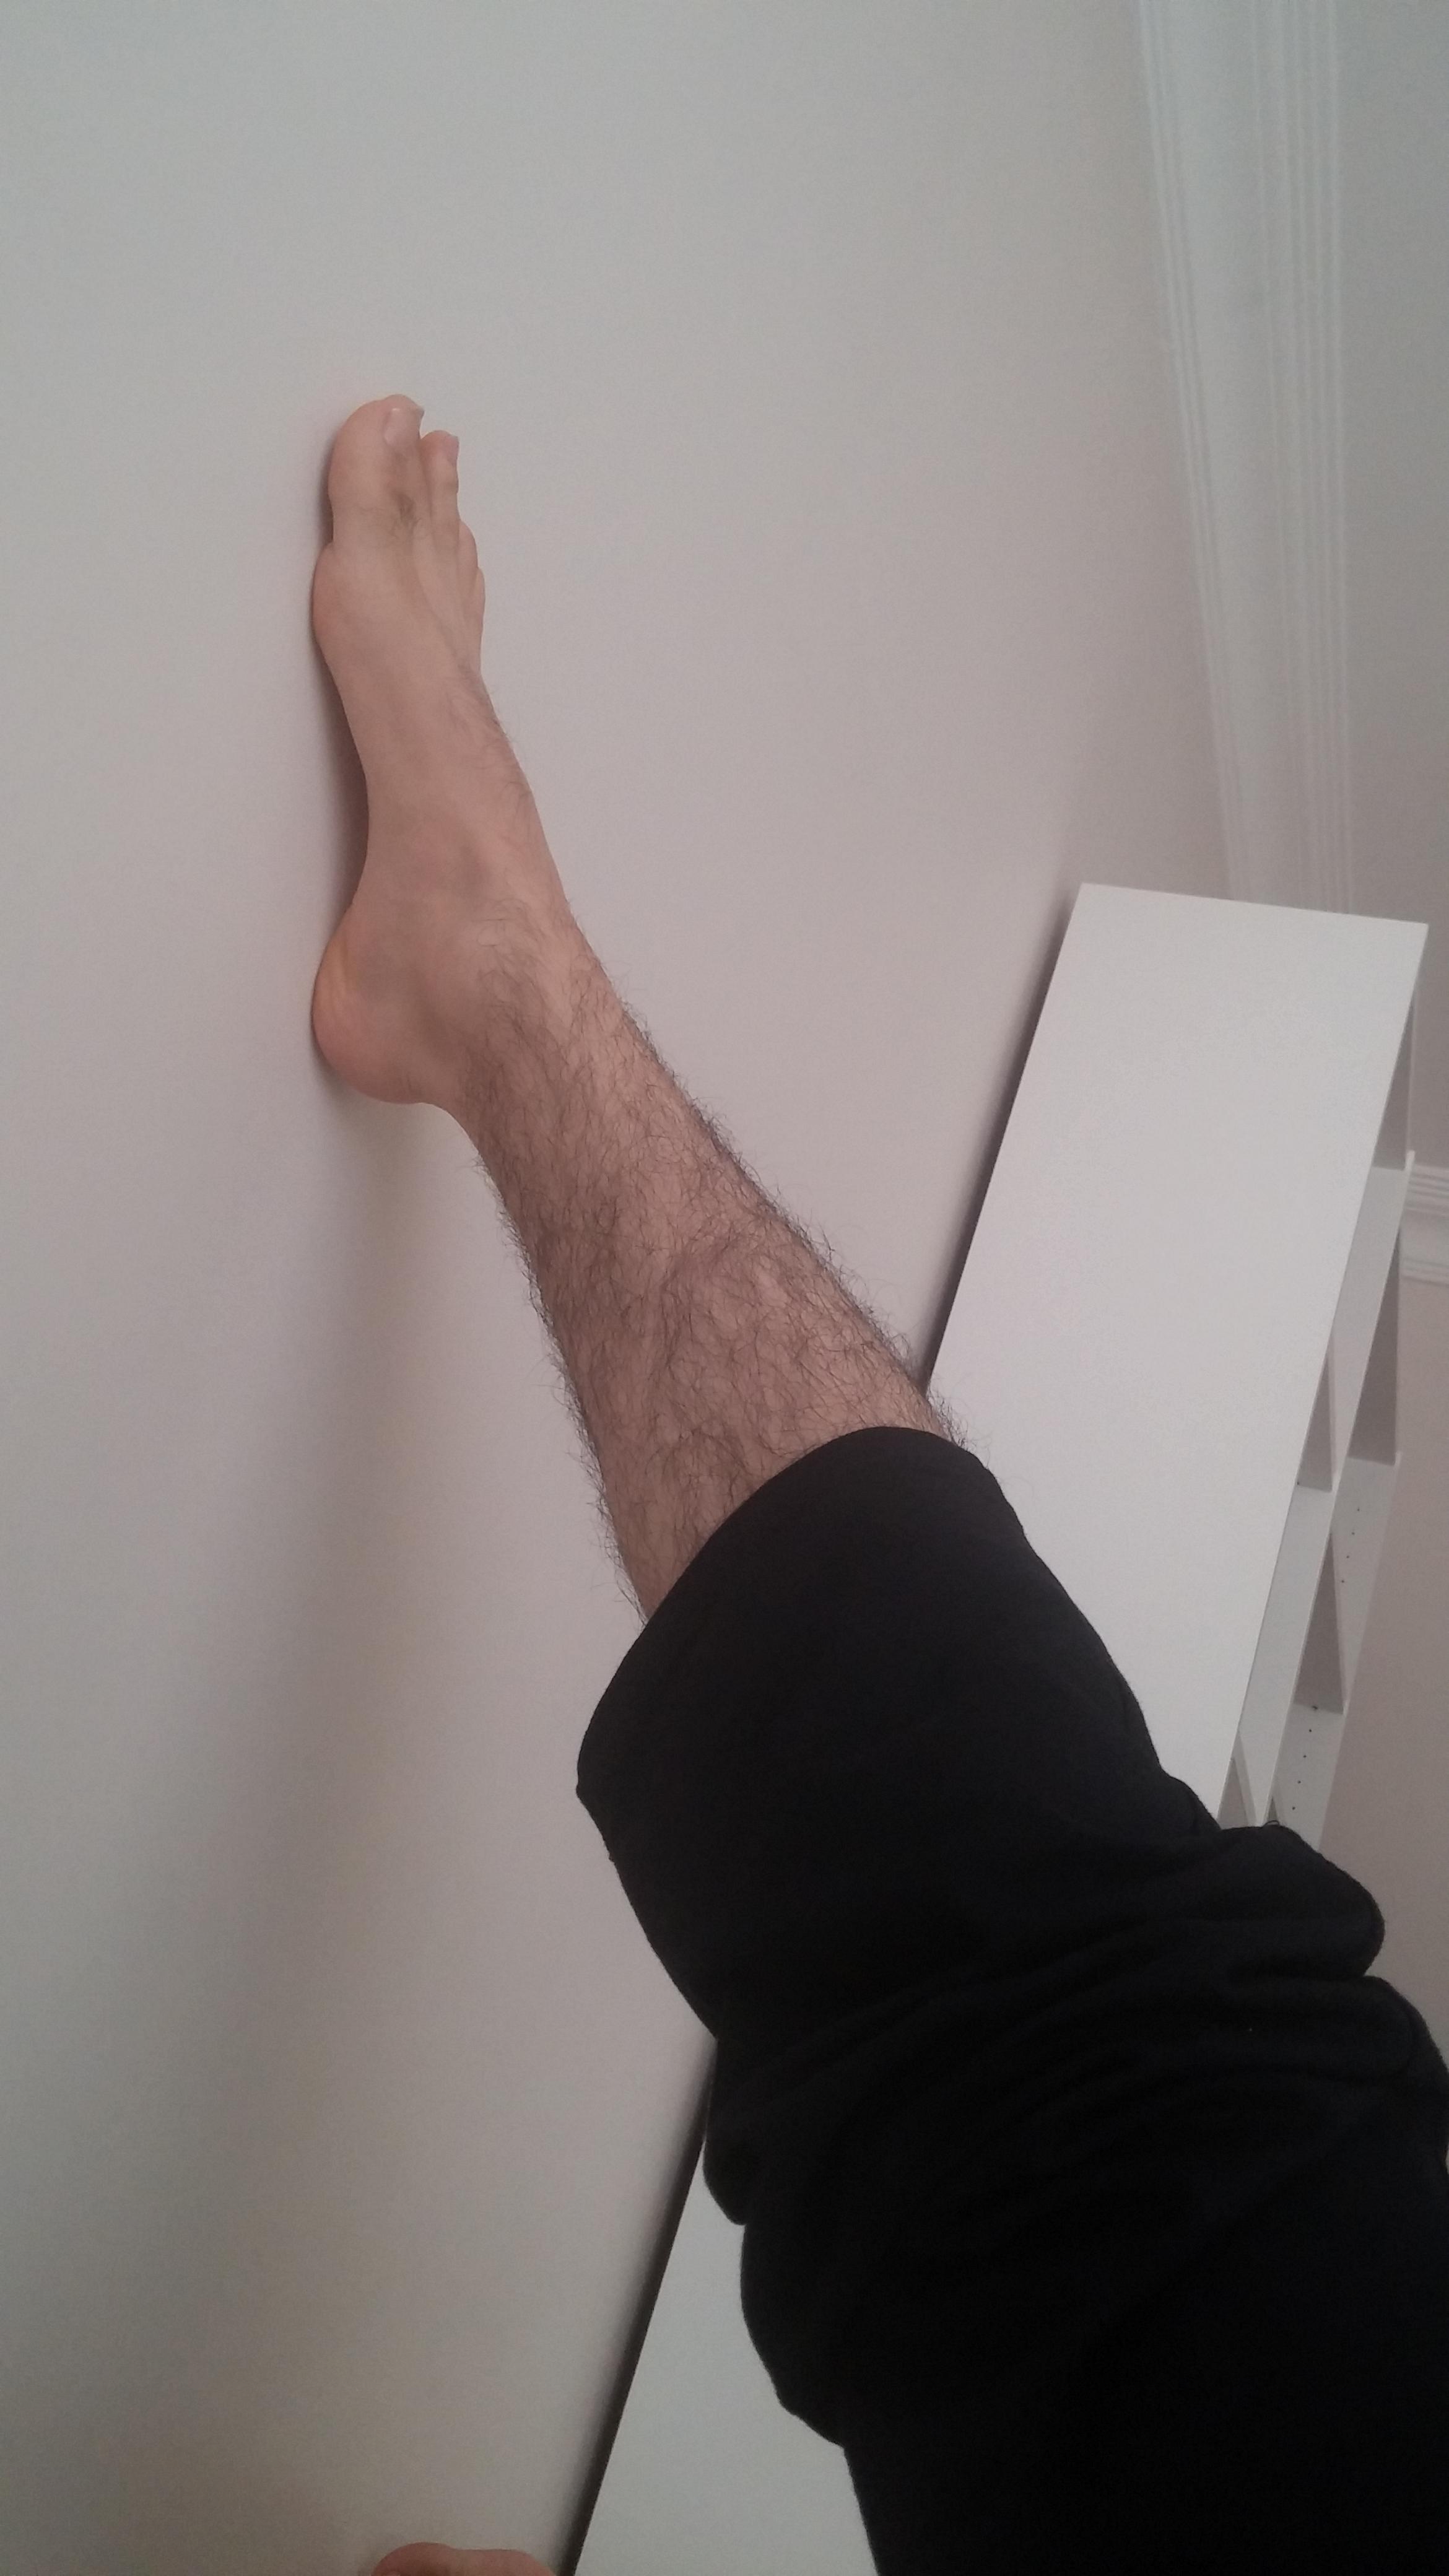 sözlük erkeklerinin bacakları